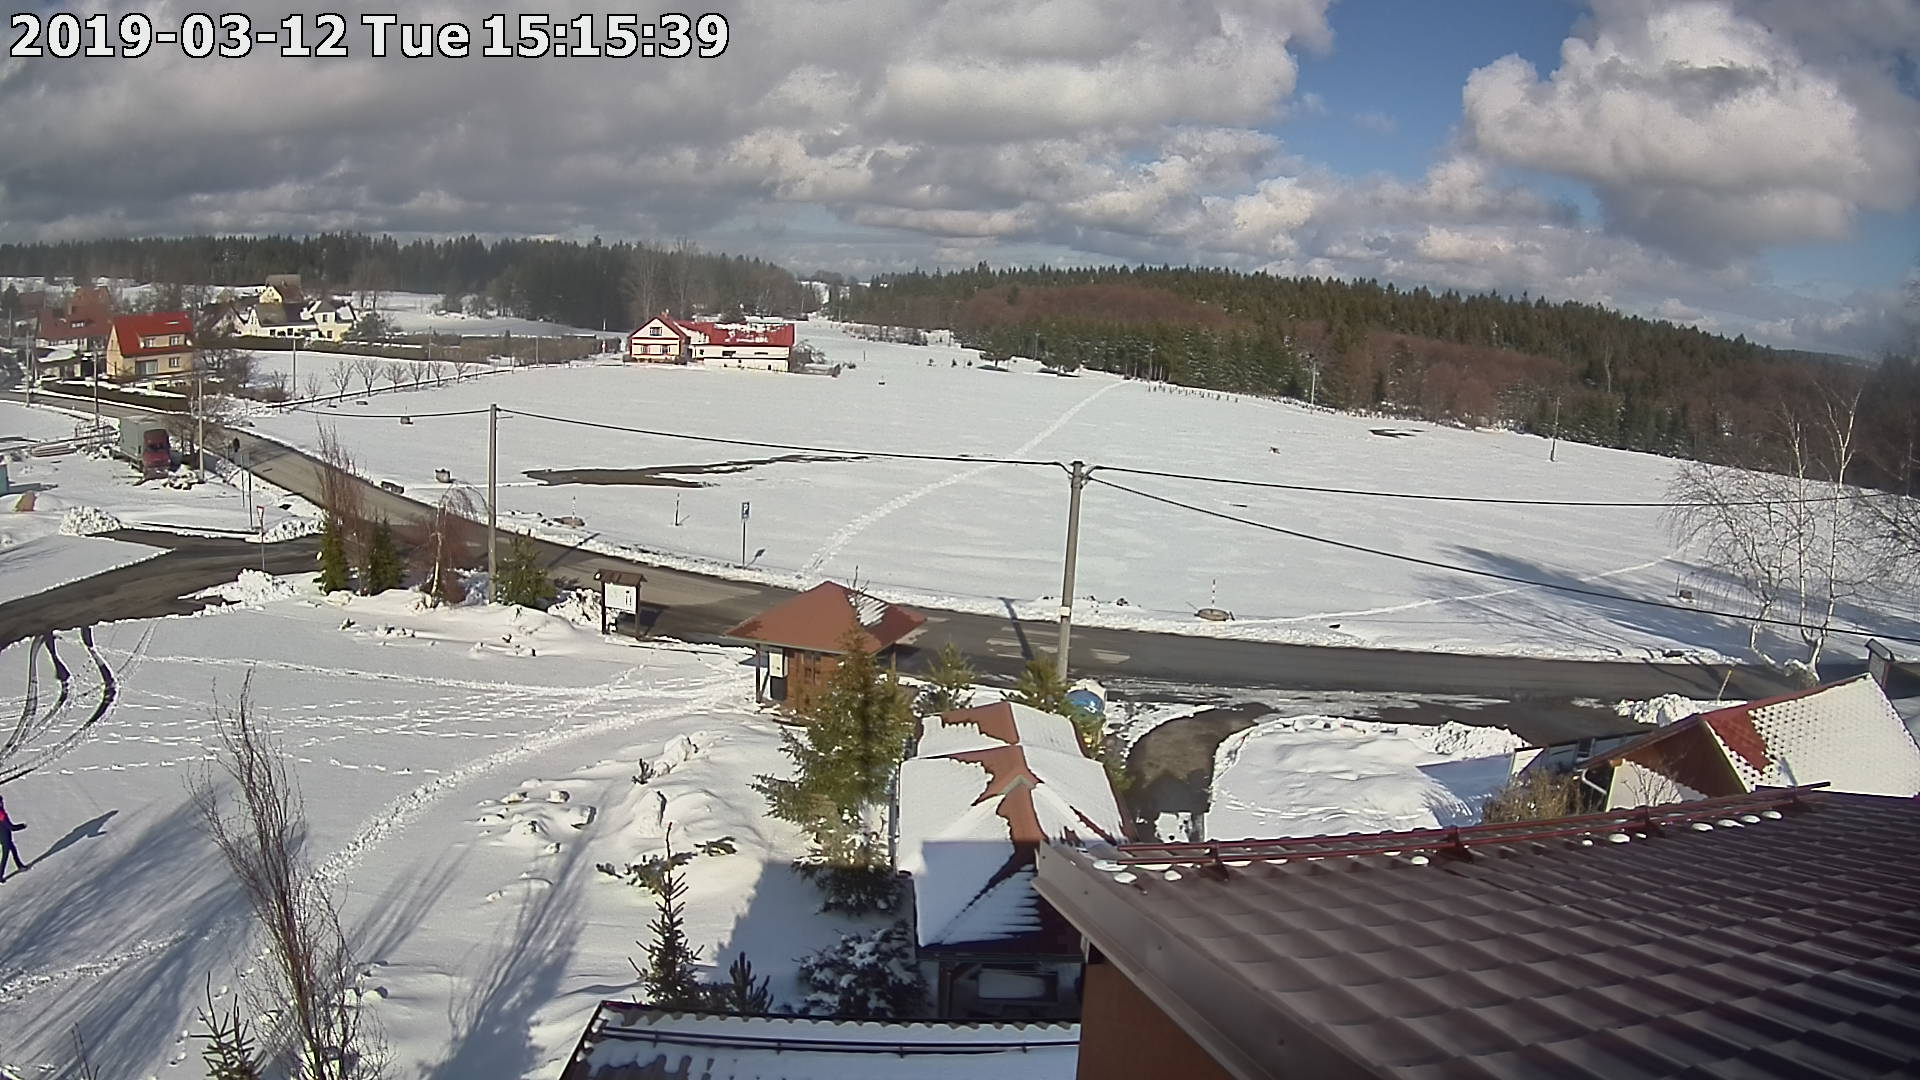 Webkamera ze dne 12.03.2019